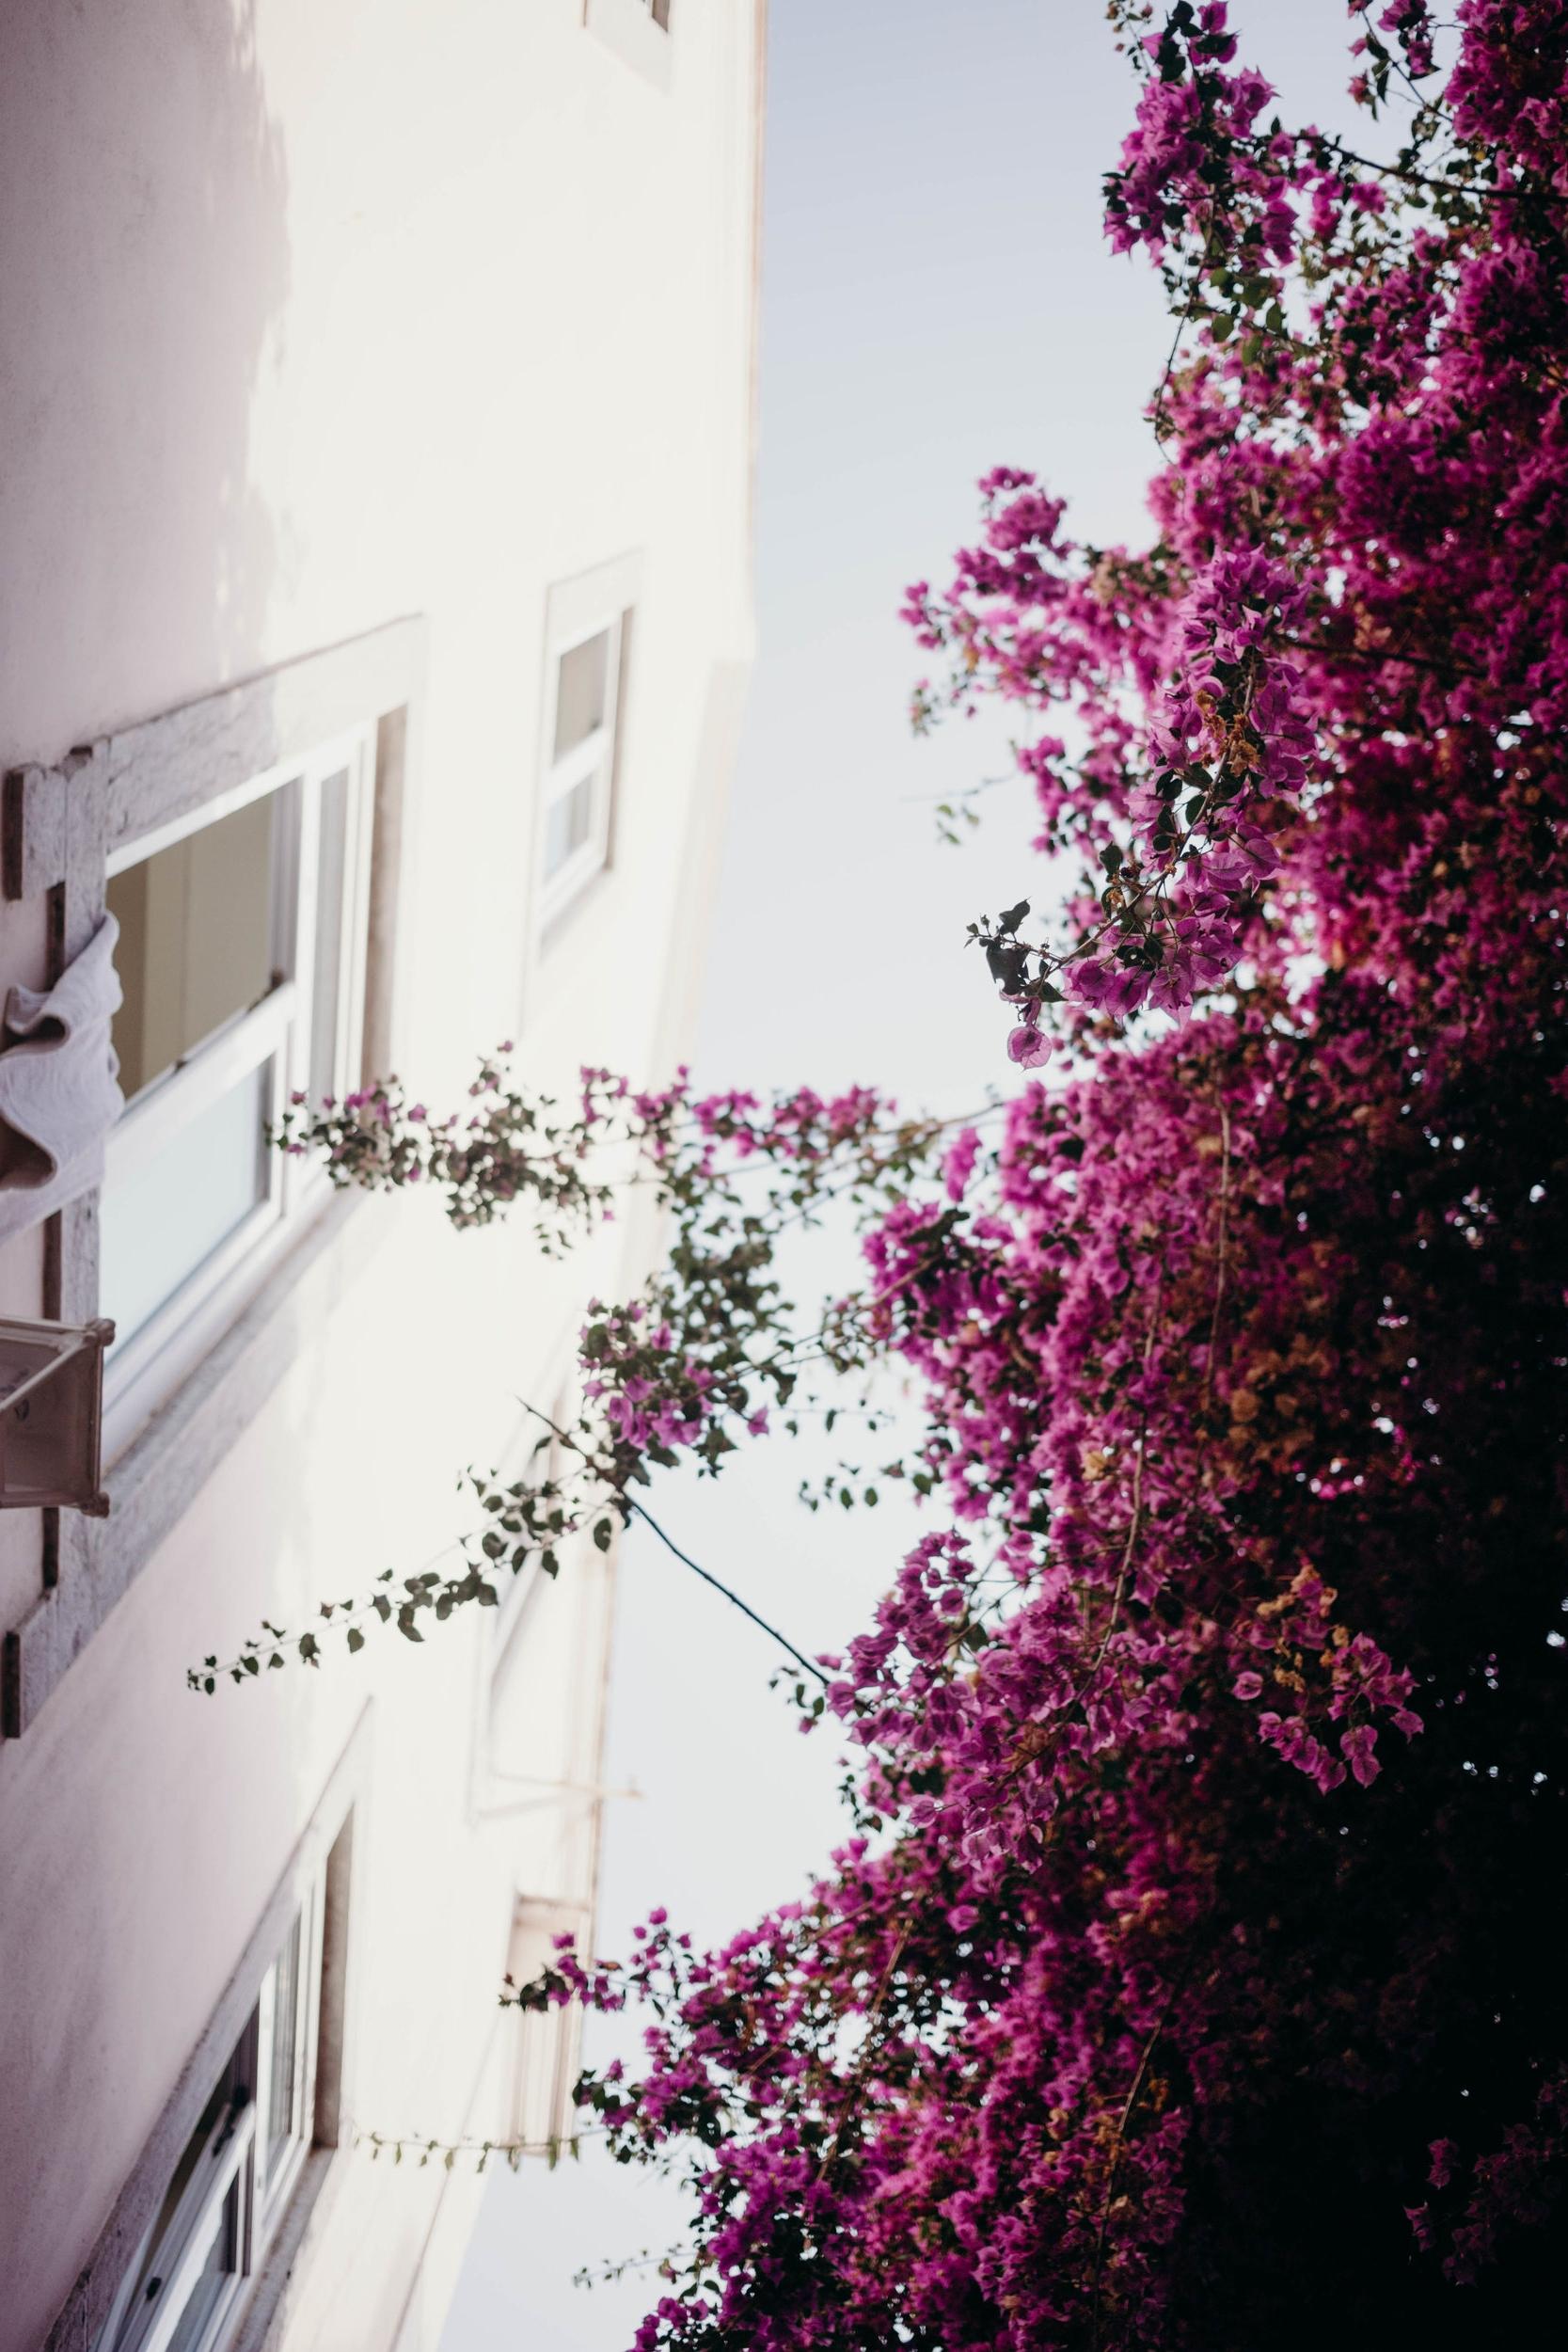 Our Portugal Travel Diary: Lisbon, Porto, and More | On the Street Where We Live (aretherelilactrees.com)  Cascais,Boca do Inferno, Museu Condes de Castro Guimaraes, Ribeira Beach